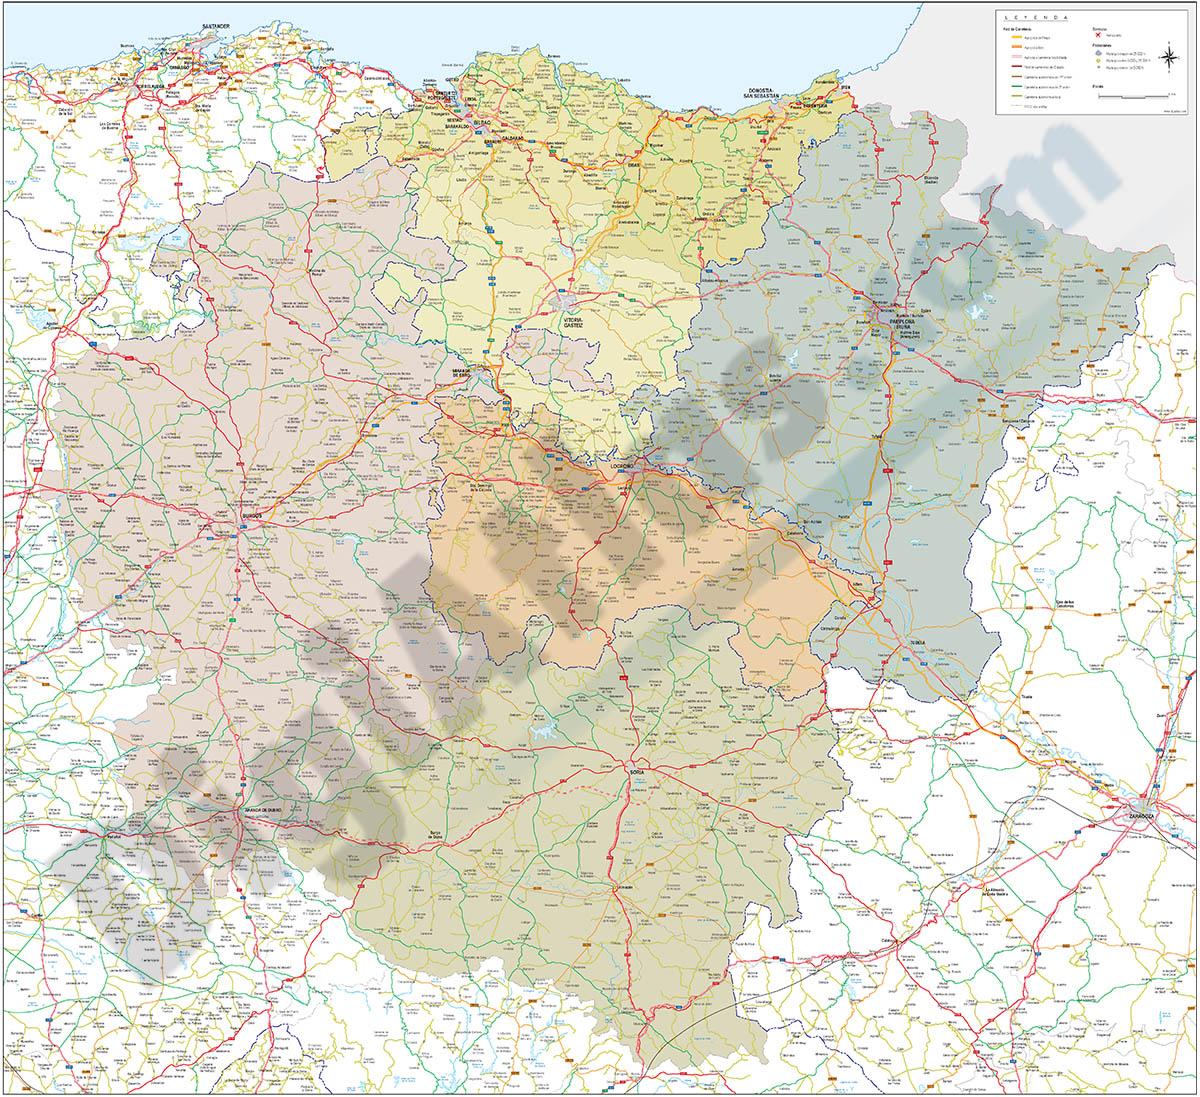 Mapa del Pais Vasco, Navarra, La Rioja, Burgos y Soria